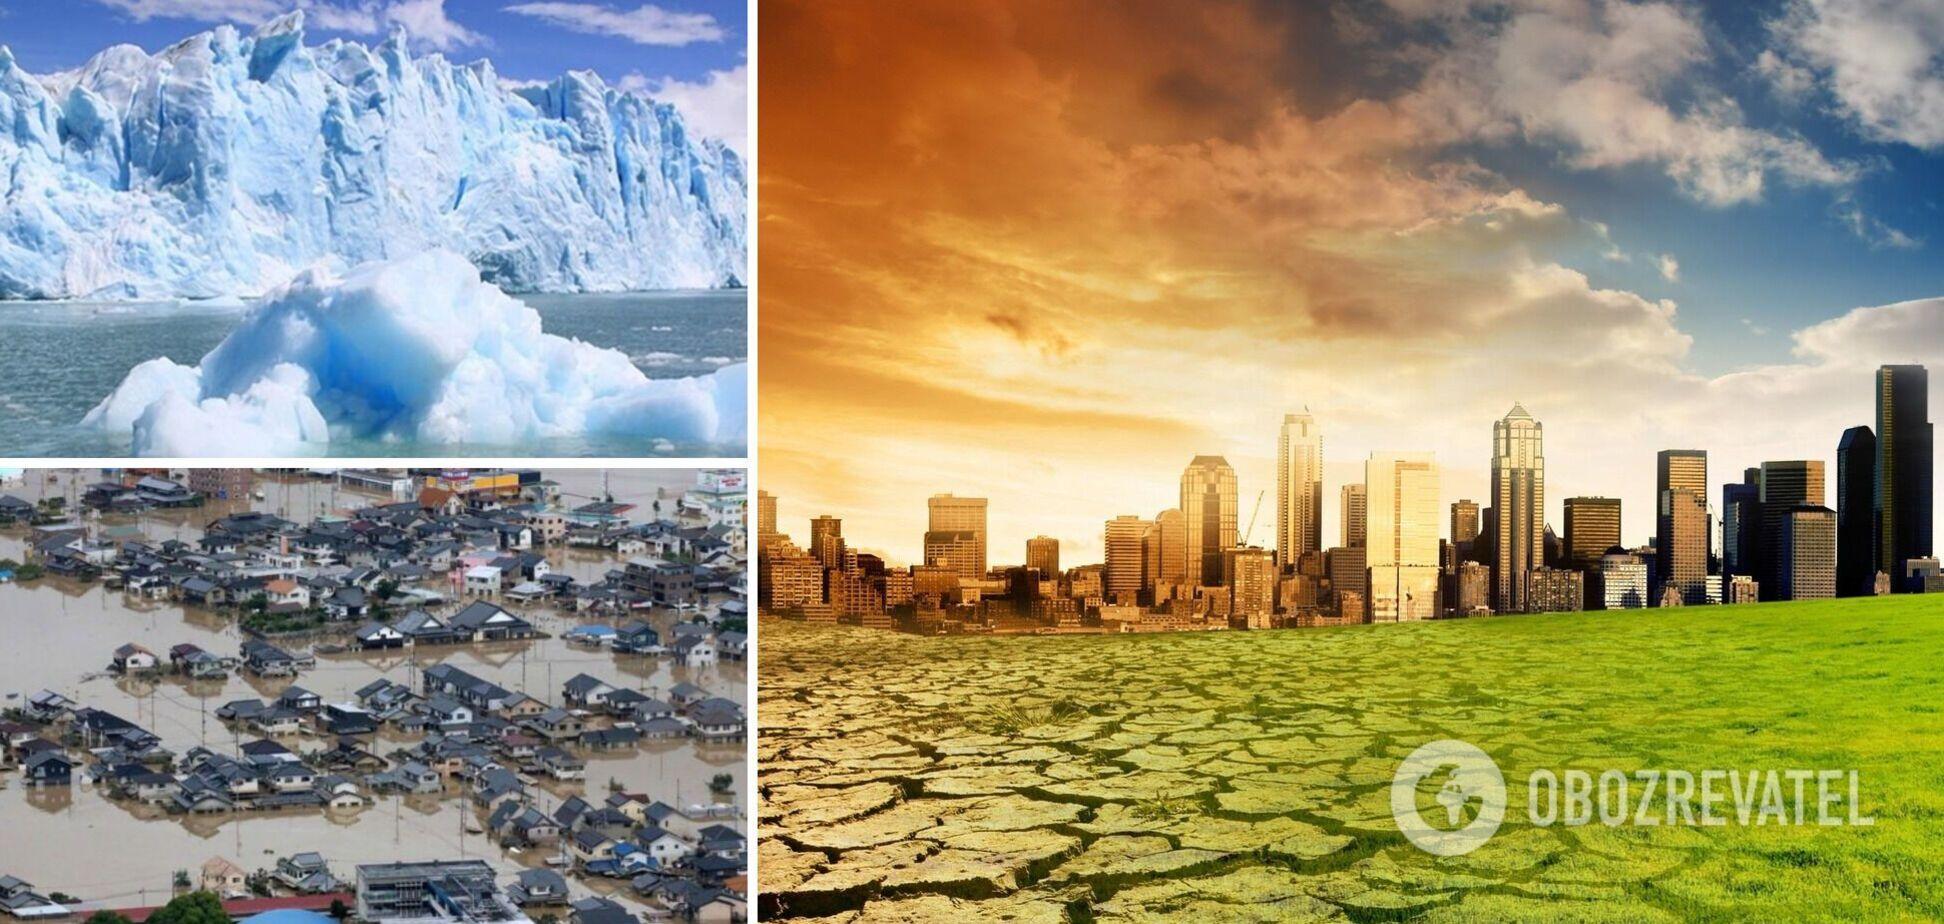 Близько 410 млн людей перебувають у зоні ризику затоплення через глобальне потепління – прогноз вчених